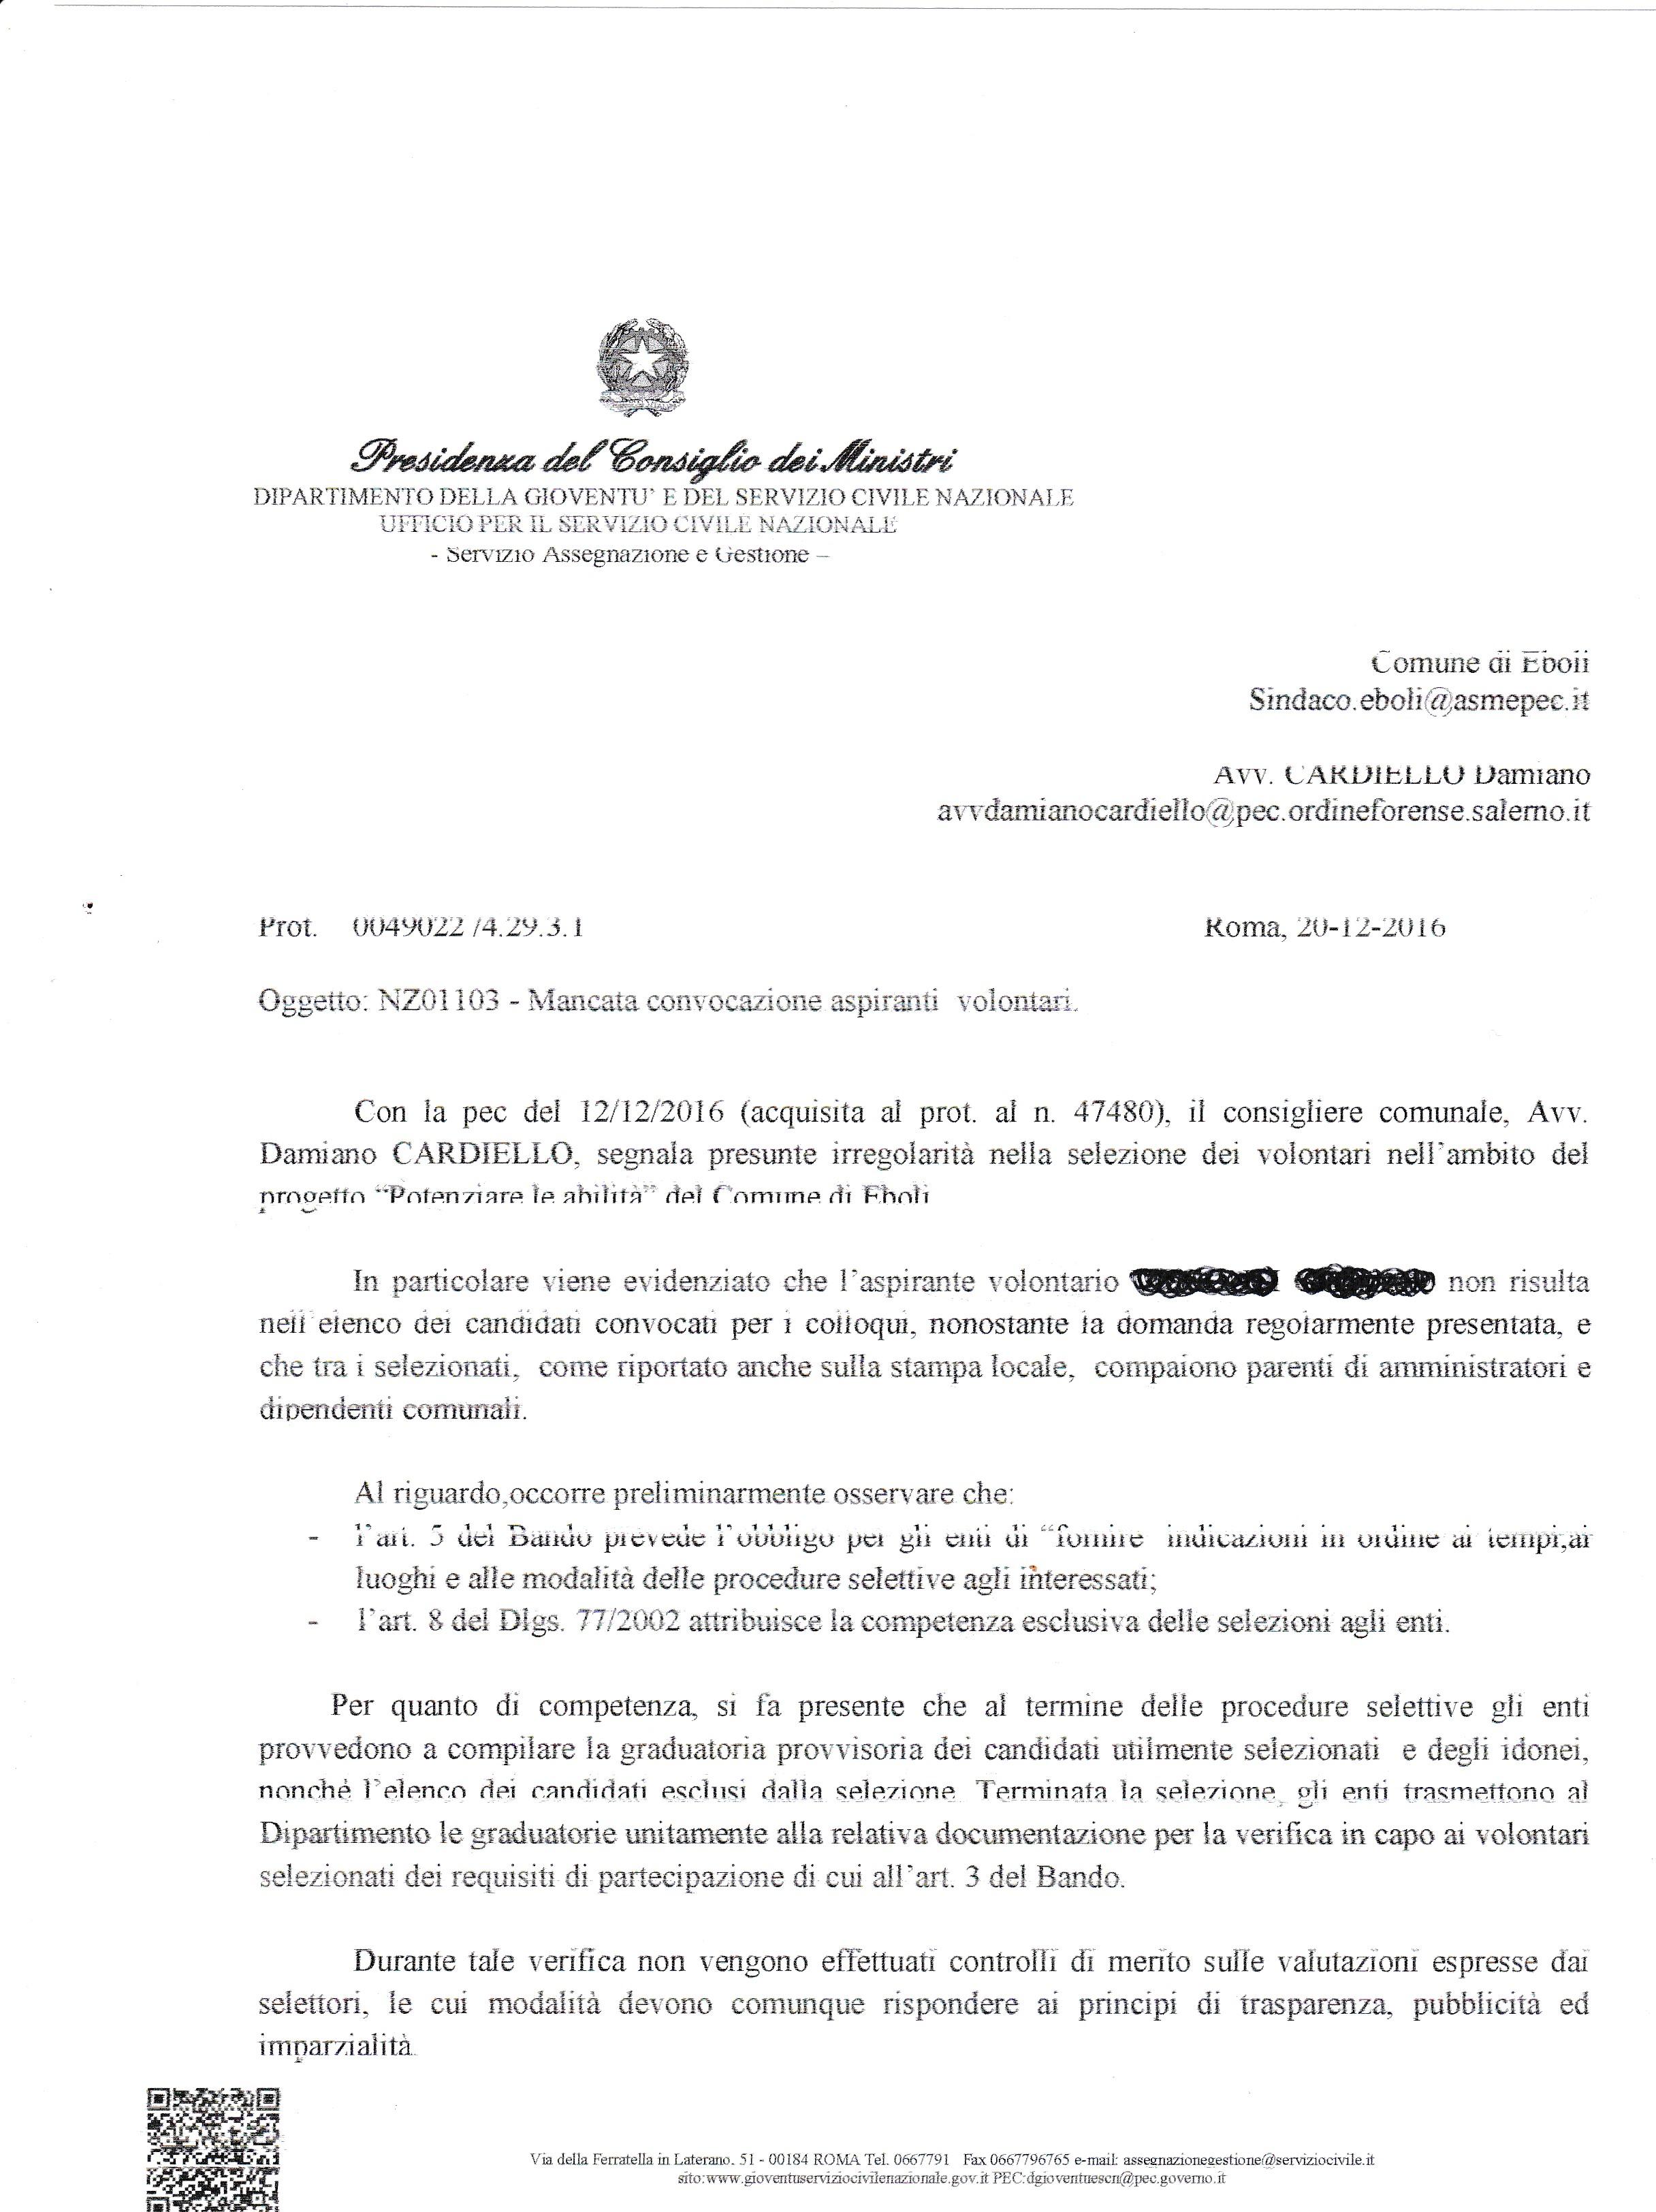 Sospensione servizio civile eboli-1